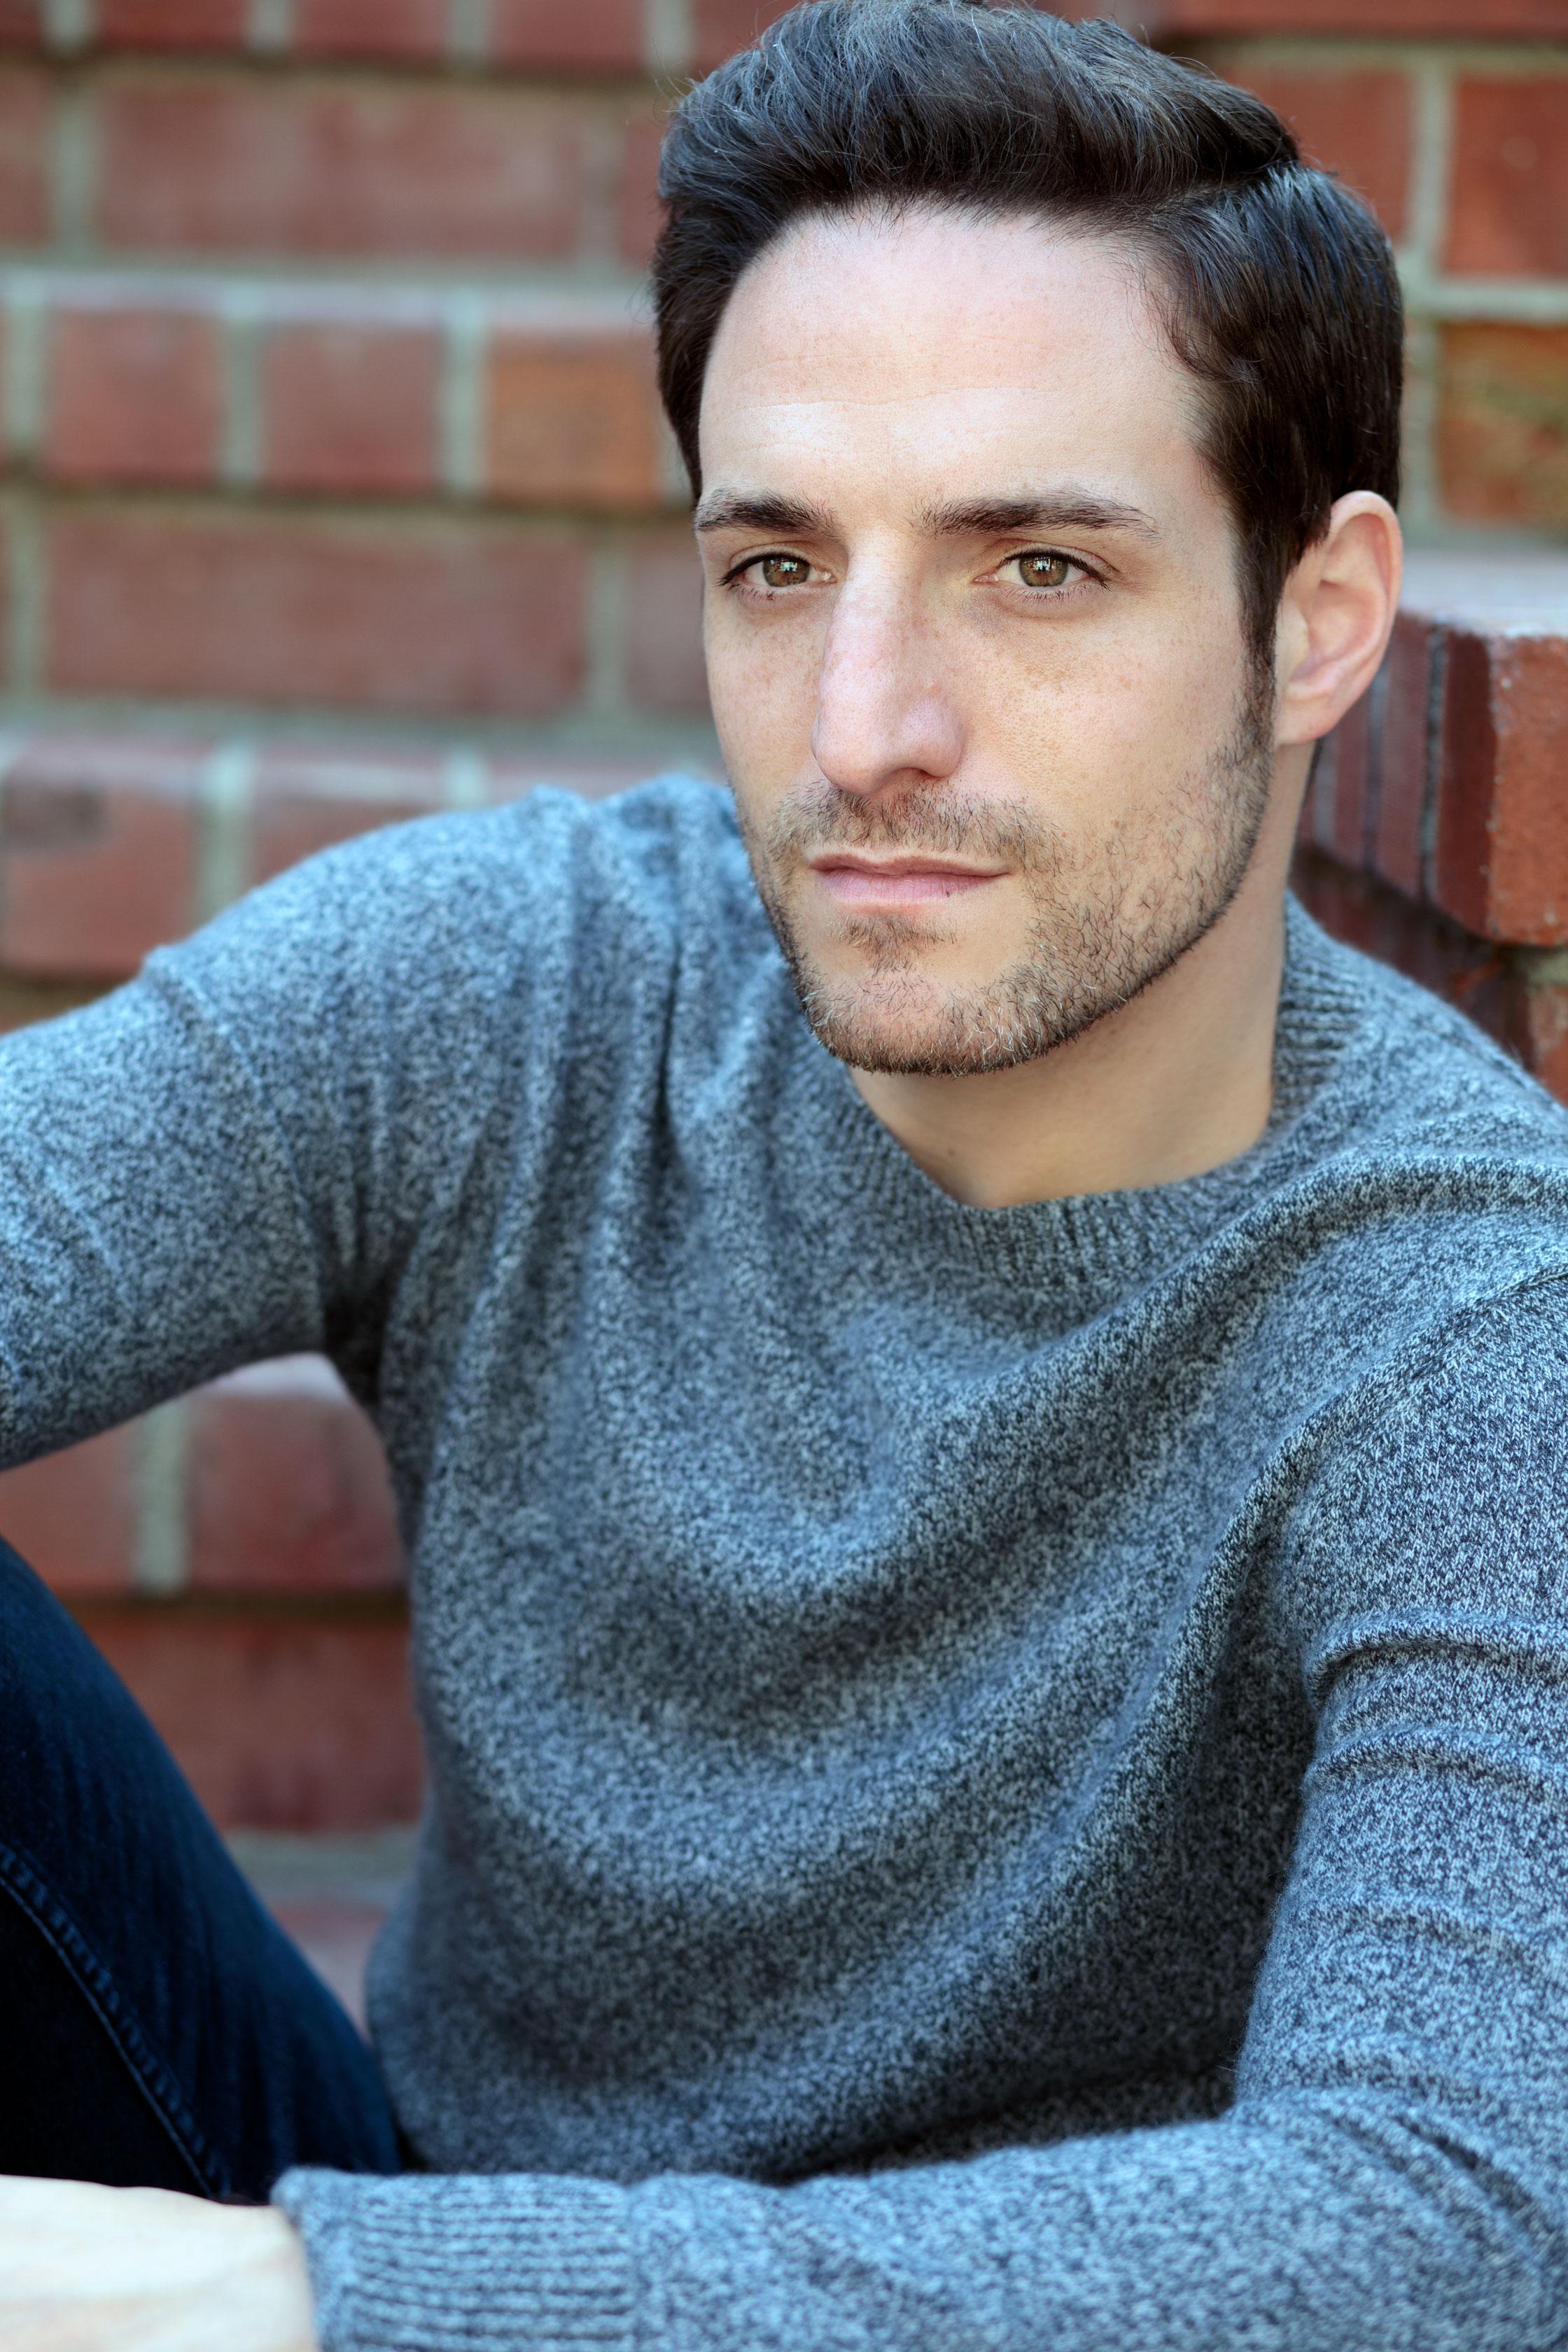 jill-headshots-47---sweater-scruff---retouched.jpg